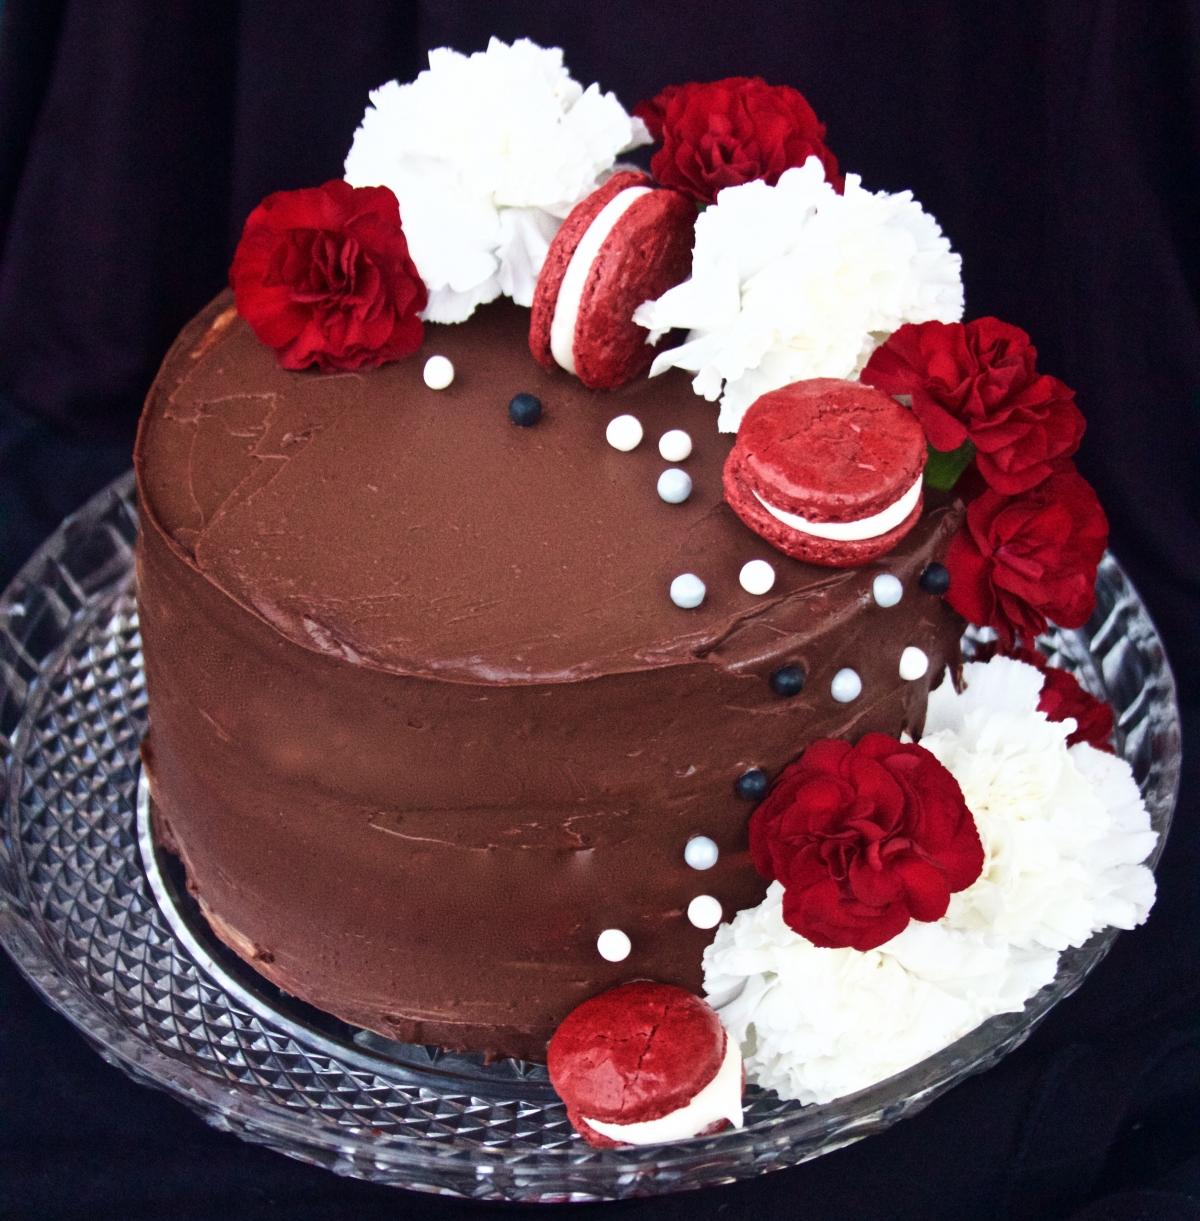 Cake Decorating White Chocolate Ganache